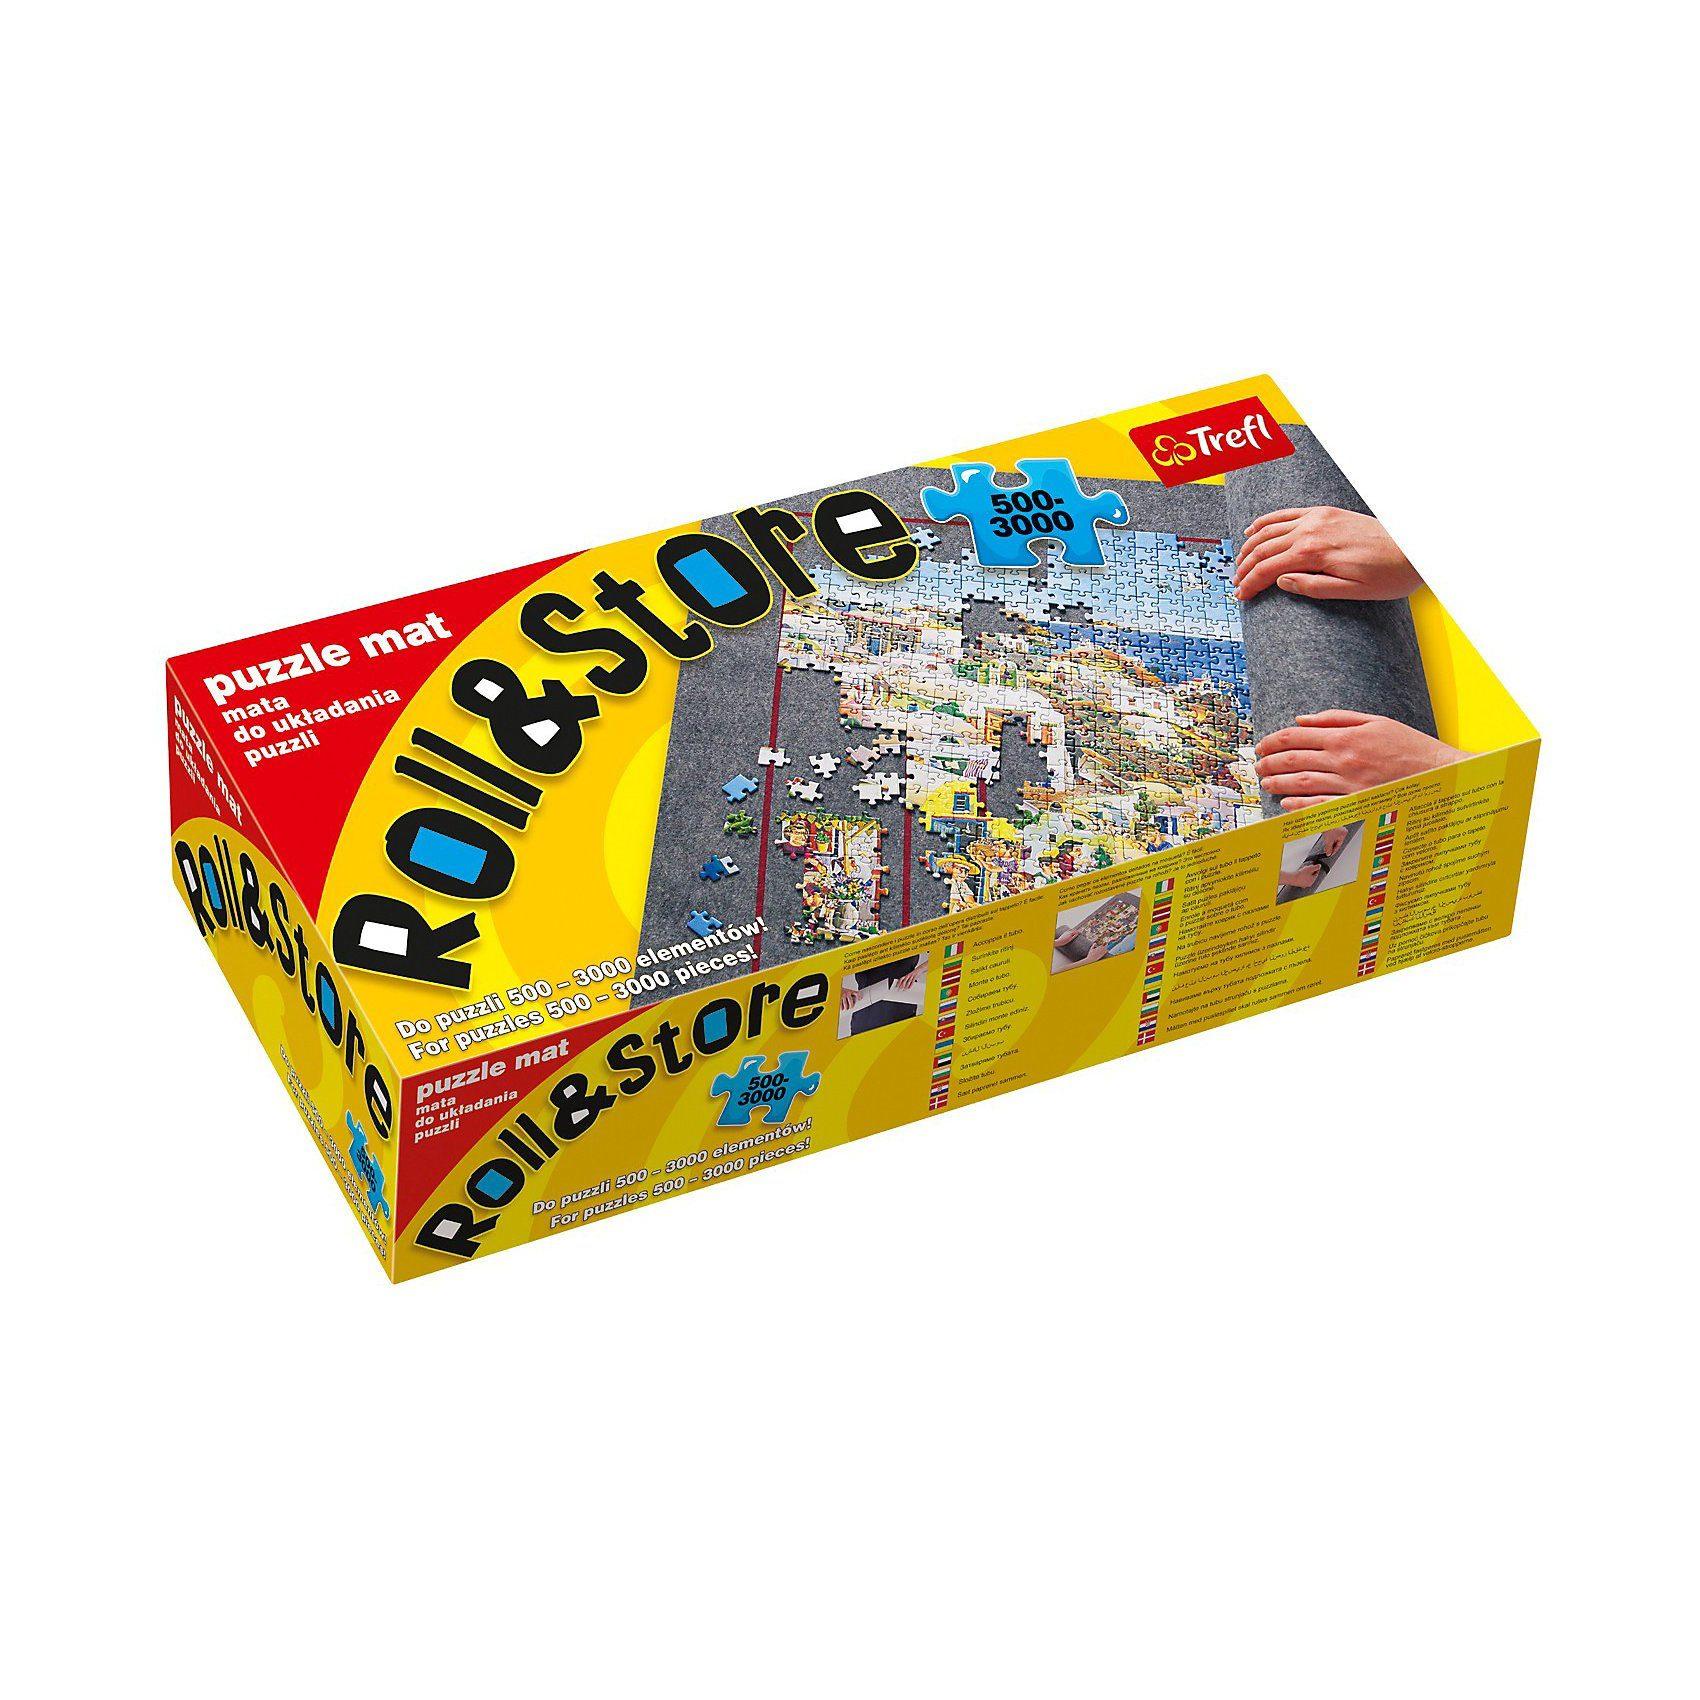 Trefl Puzzlematte Roll & Store für 500-3000 Teile